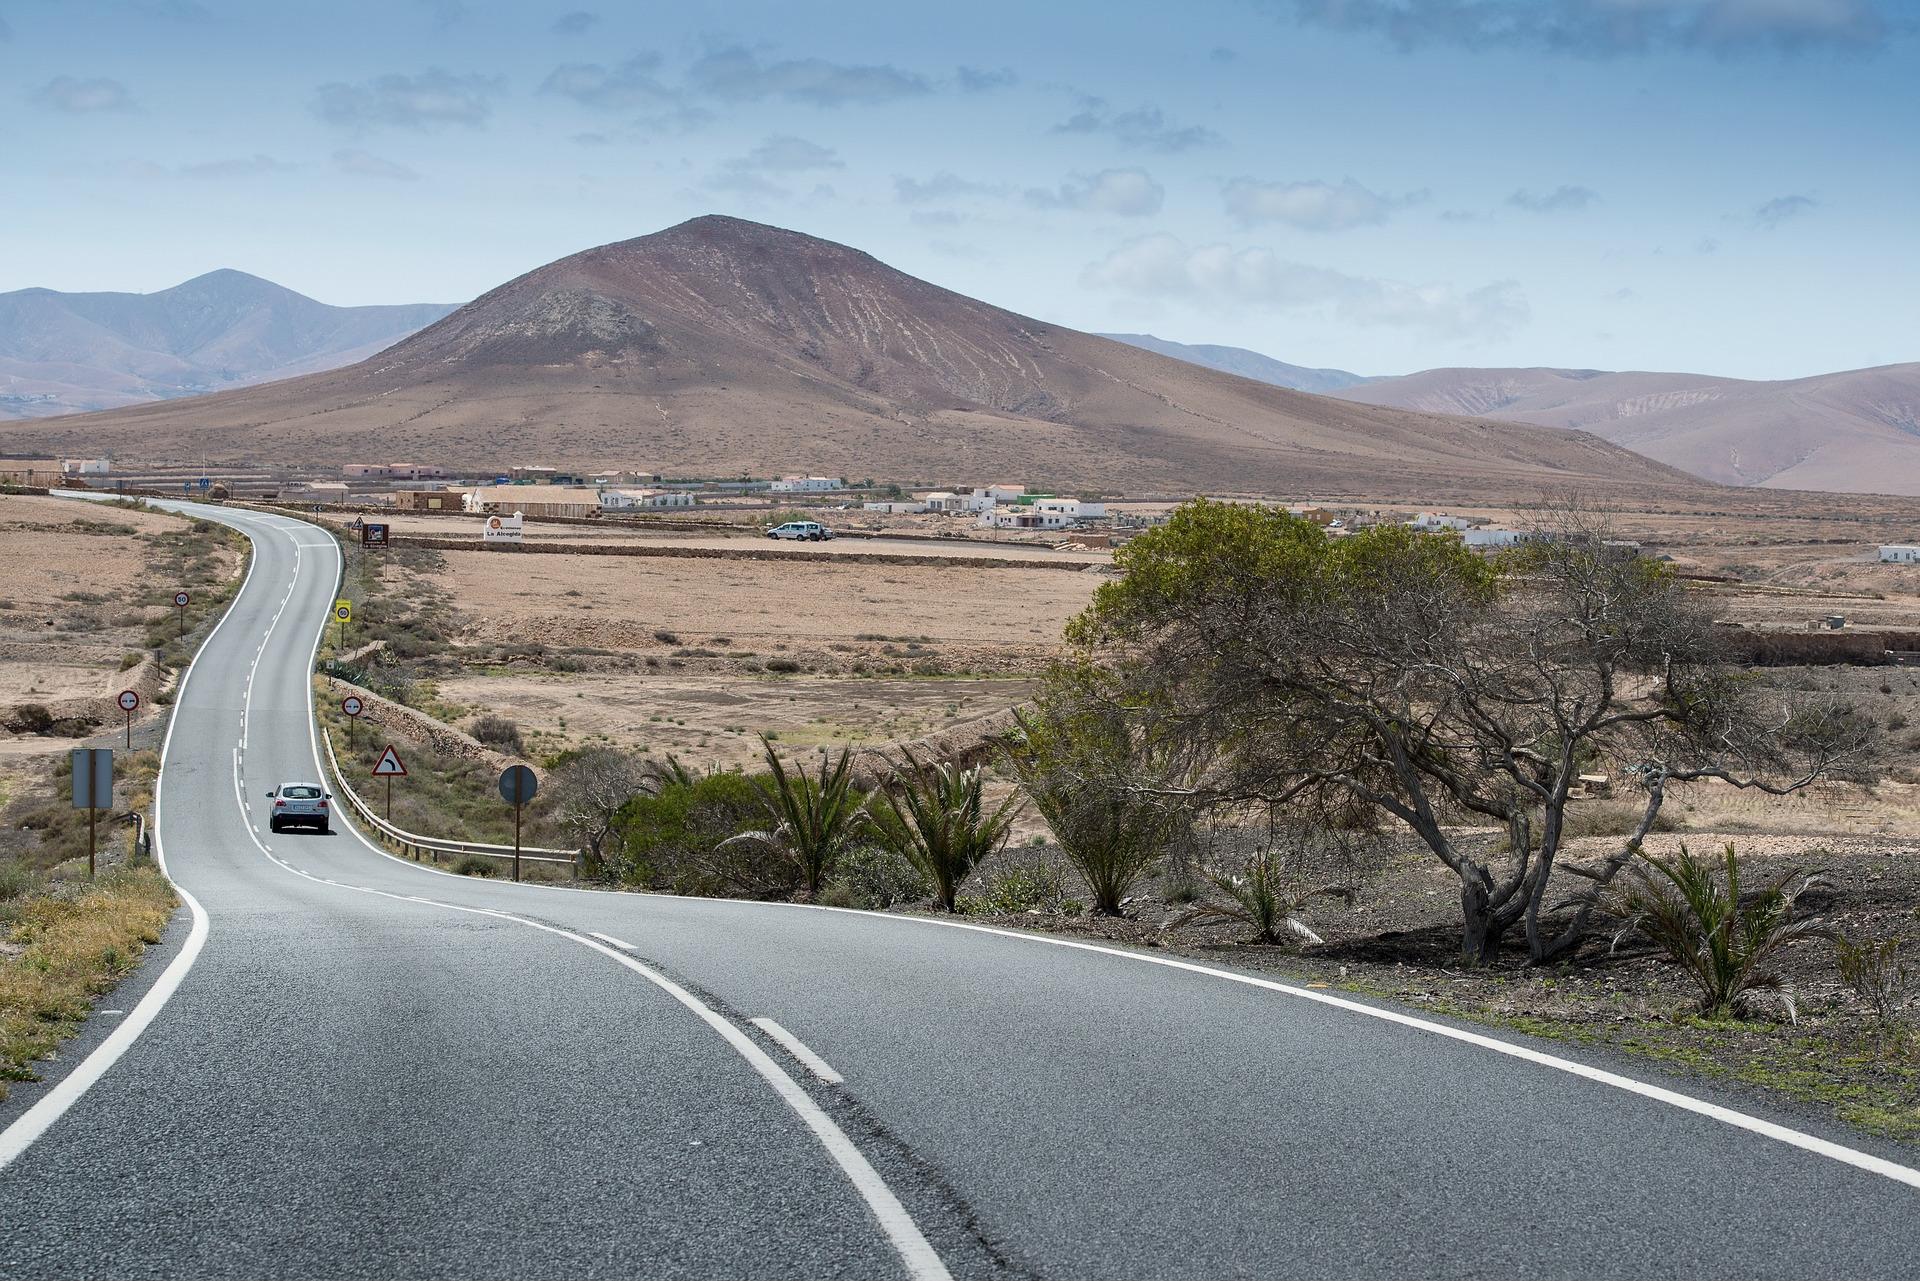 Reiseziele Januar: Die Kanarischen Inseln gehören zu den beliebtesten Urlaubszielen in Europa